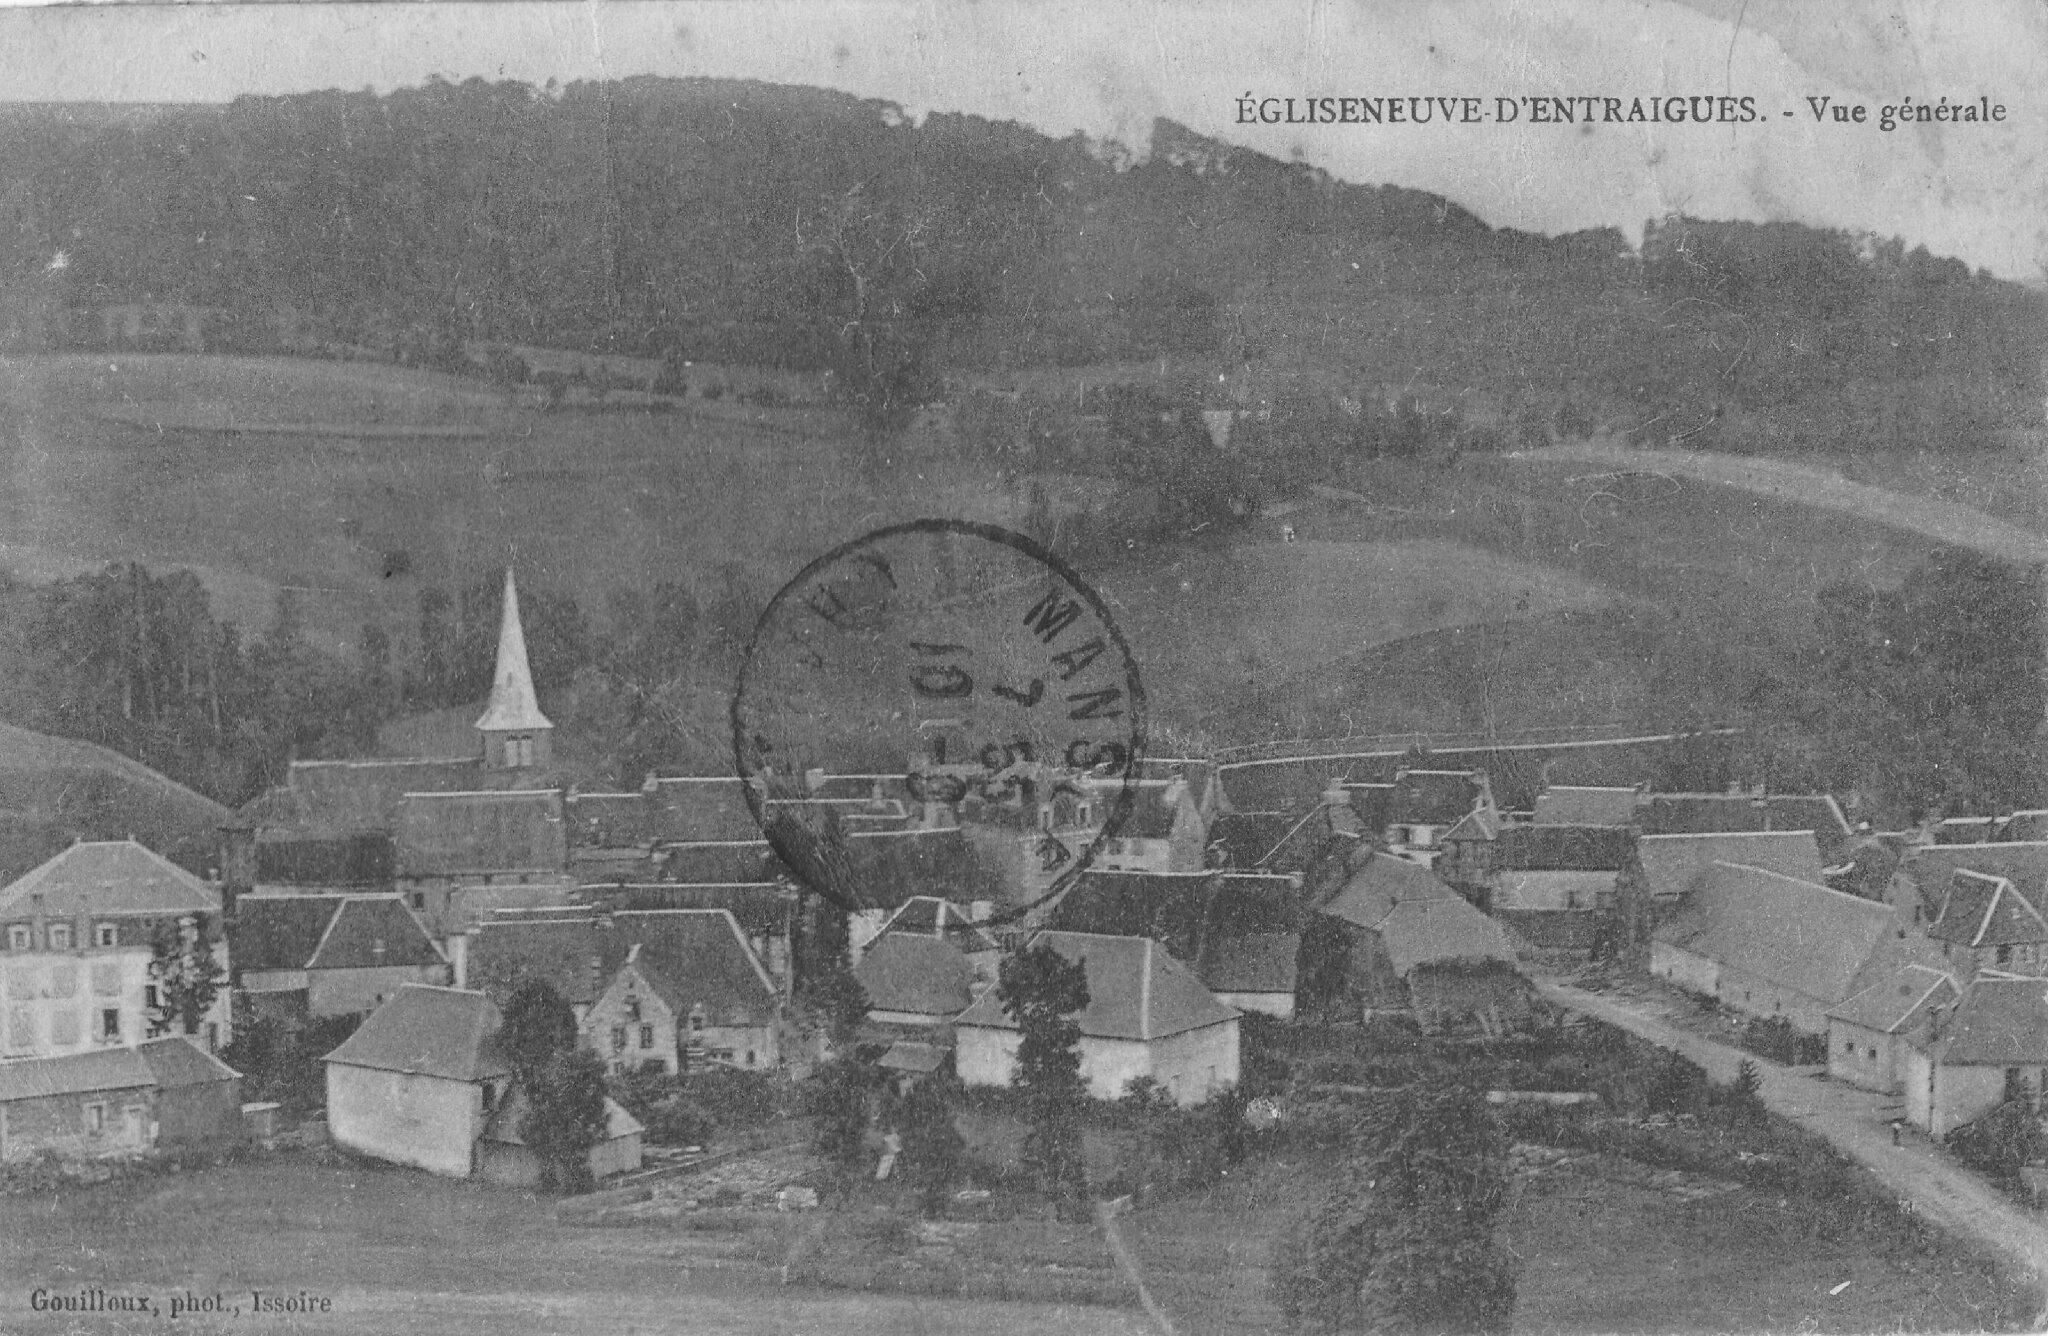 Egliseneuve d'Entraigues Vue générale (1921)